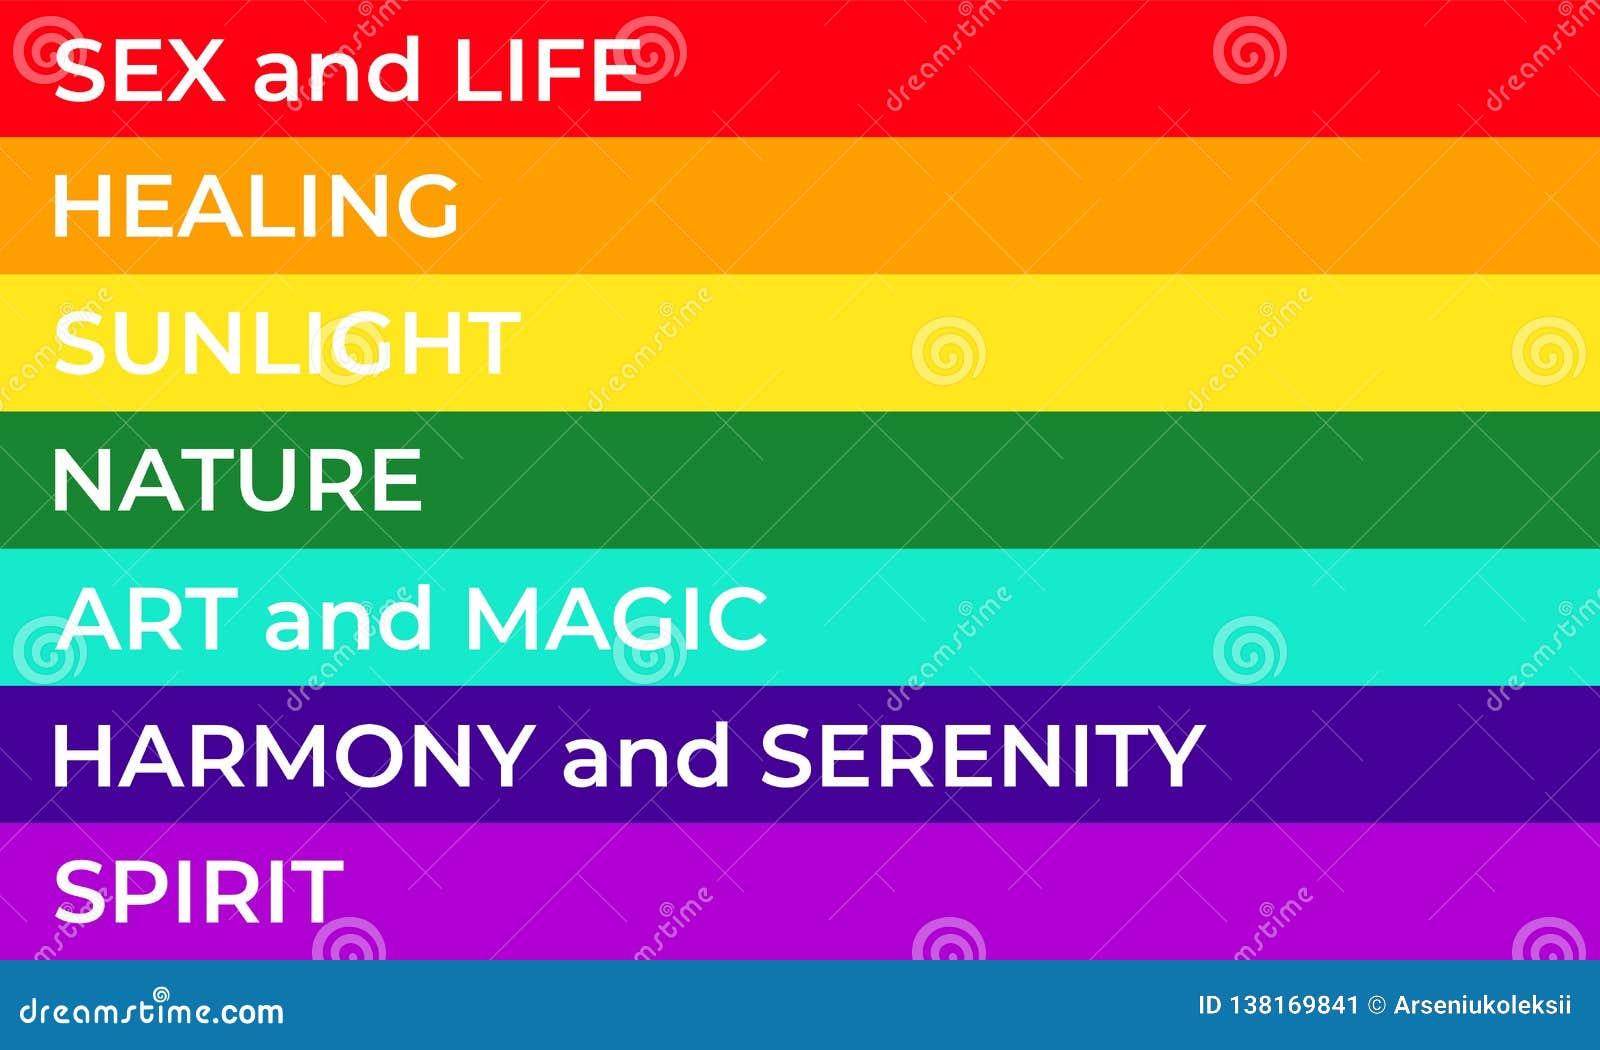 cual+es+el+significado+de+los+colores+de+la+bandera+lgbt